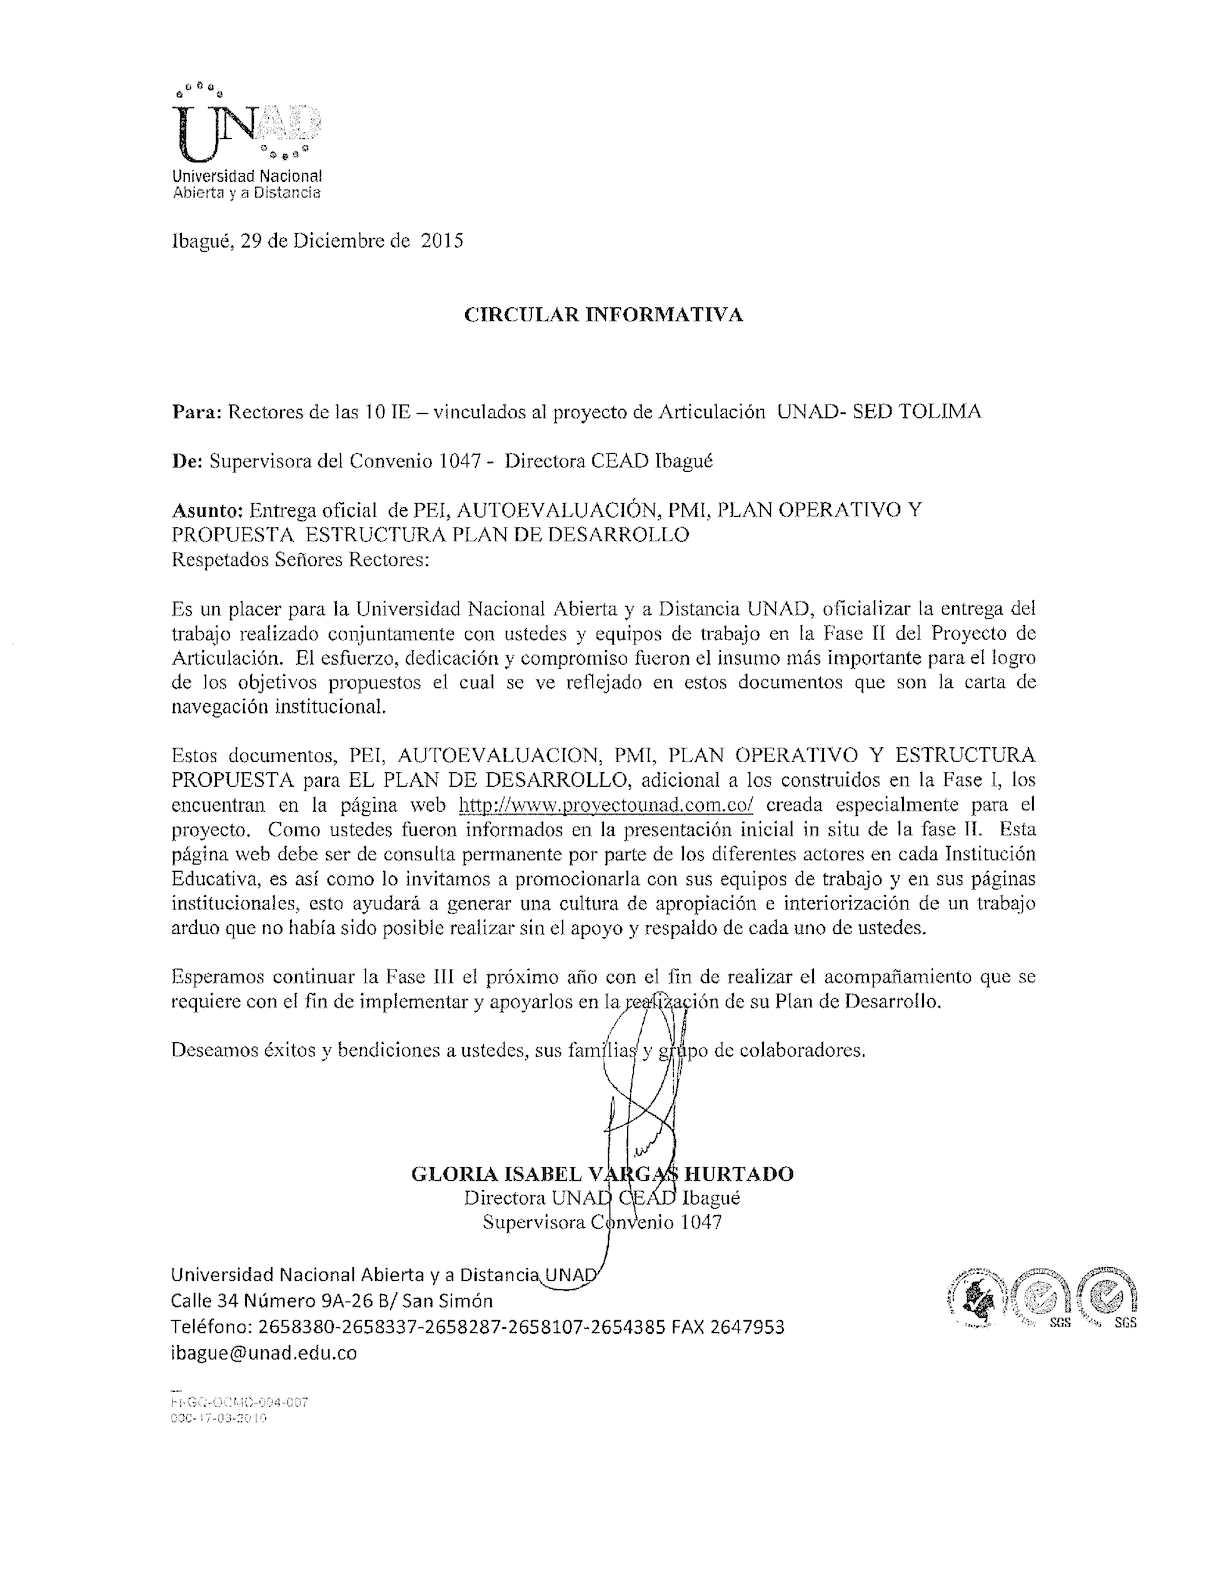 Calaméo Circular Informativa Rectores